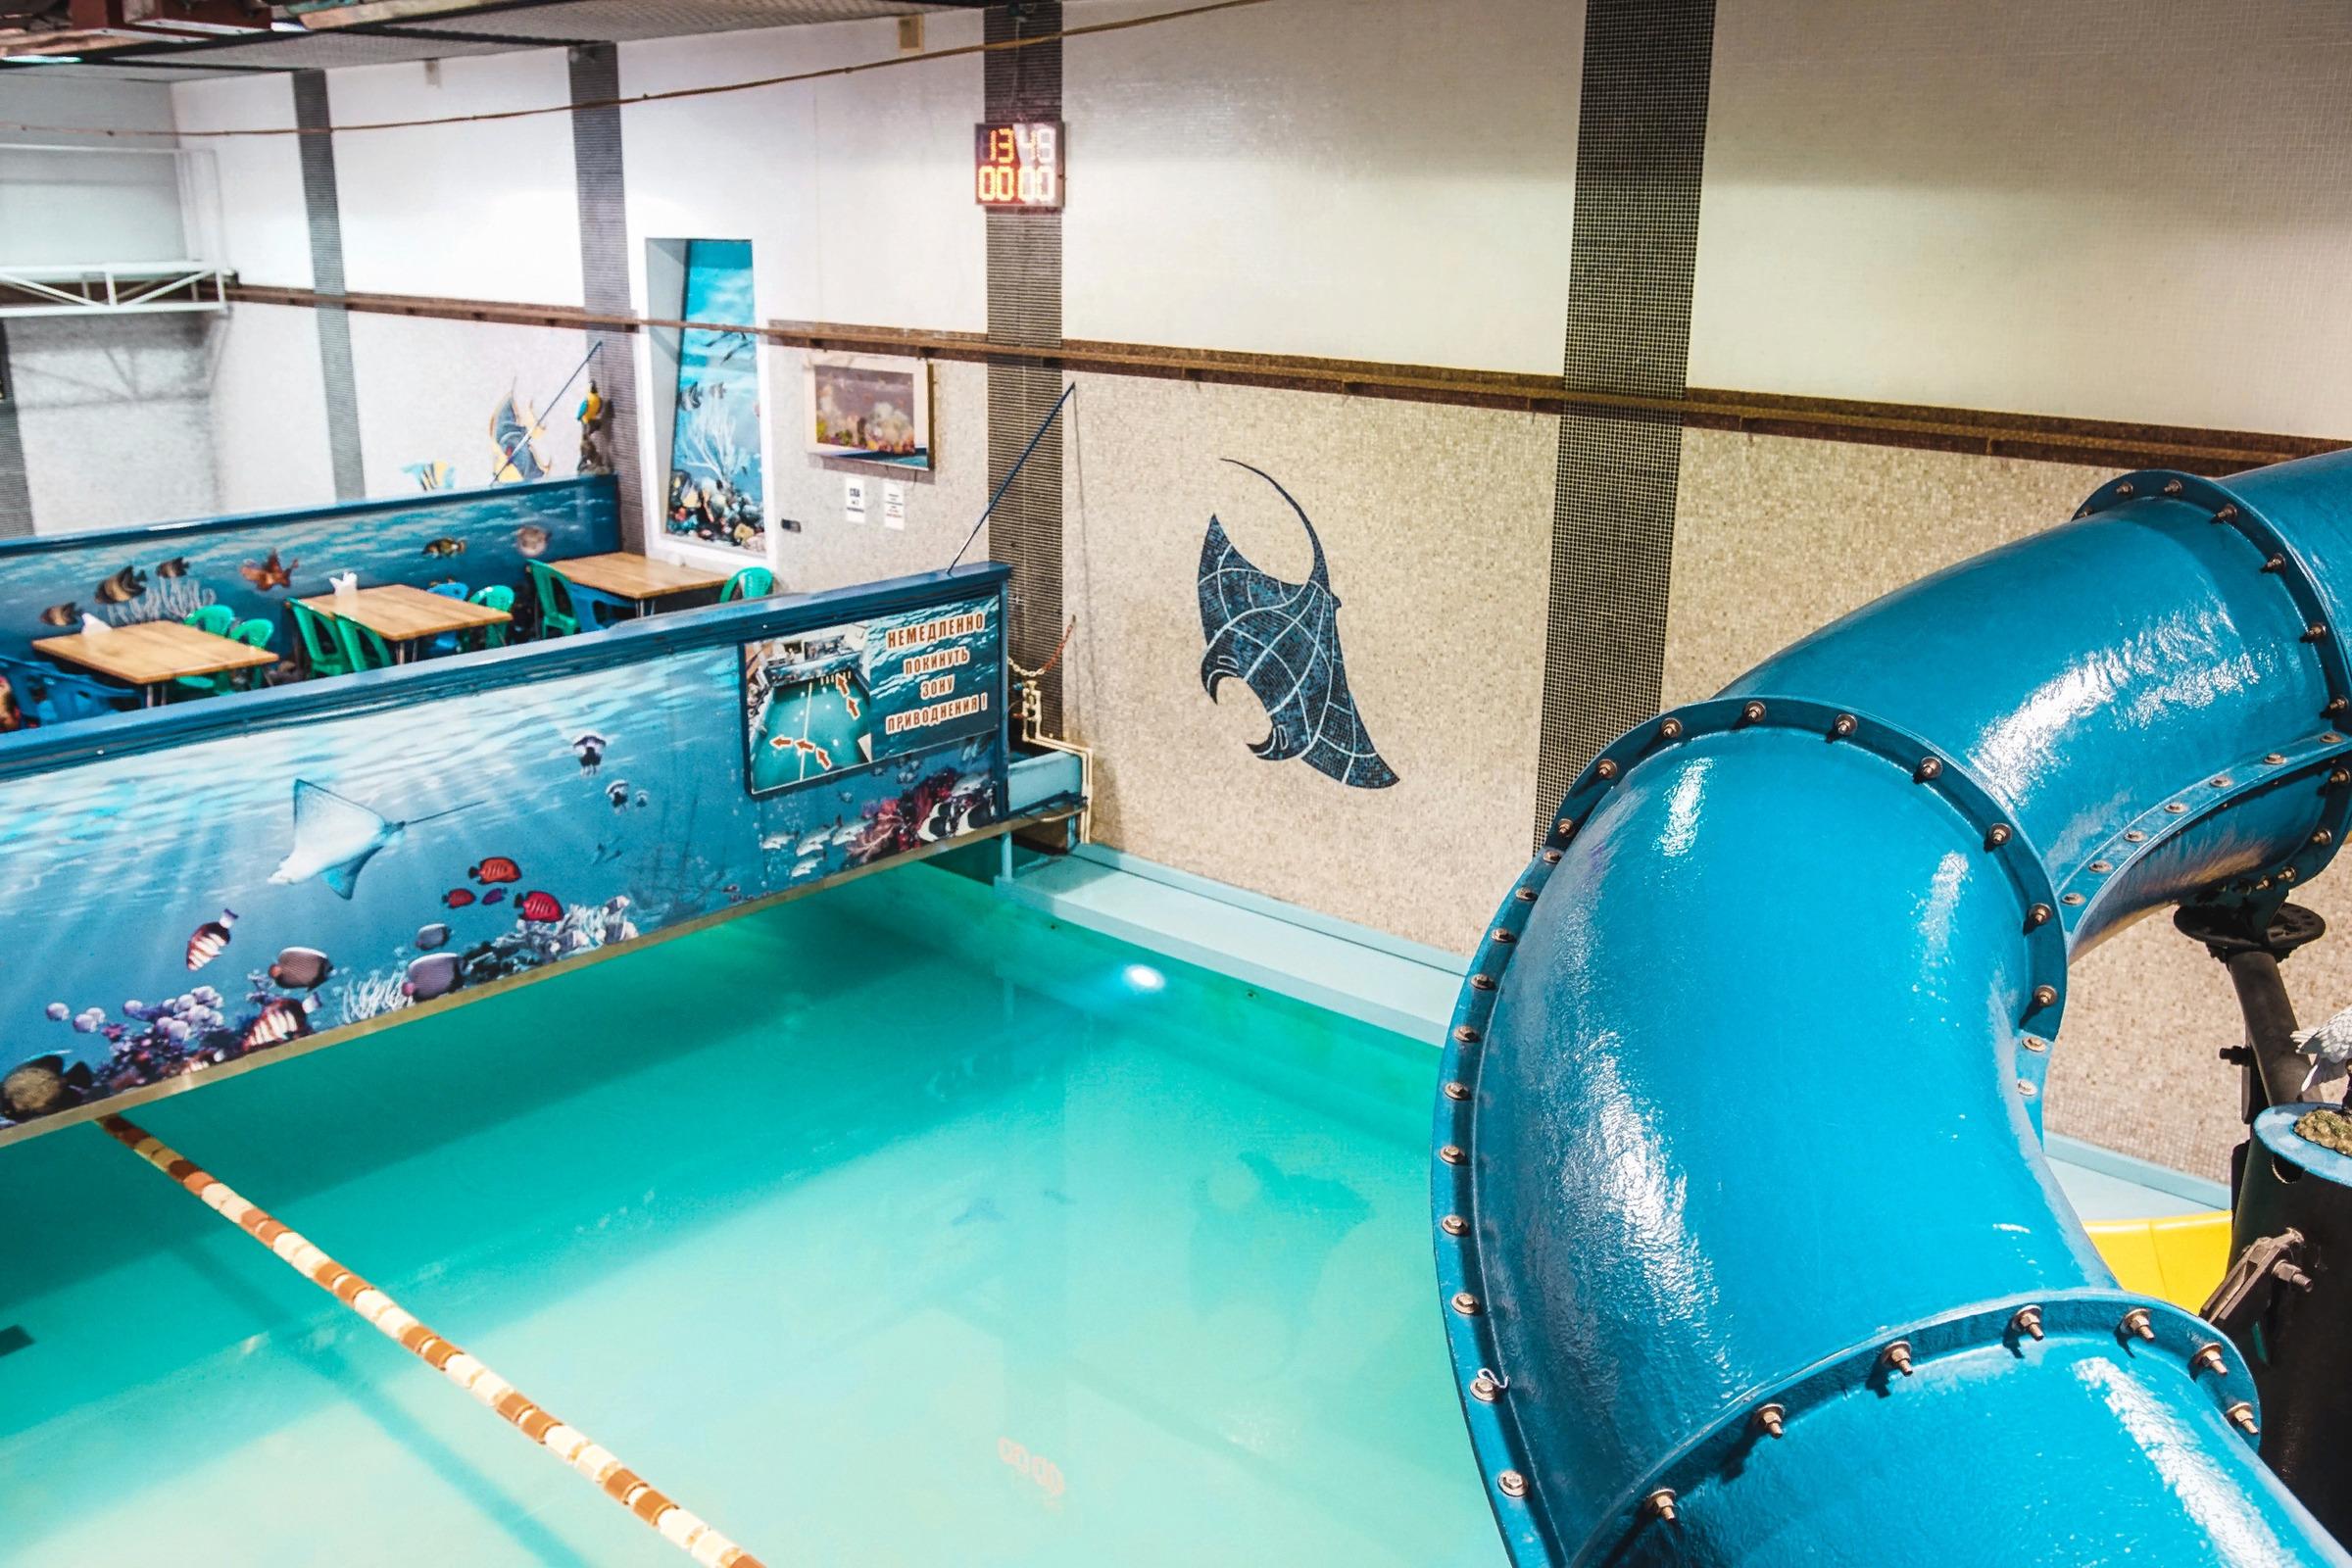 аквапарк саратов лимкор фото поющий персидском, англоязычная